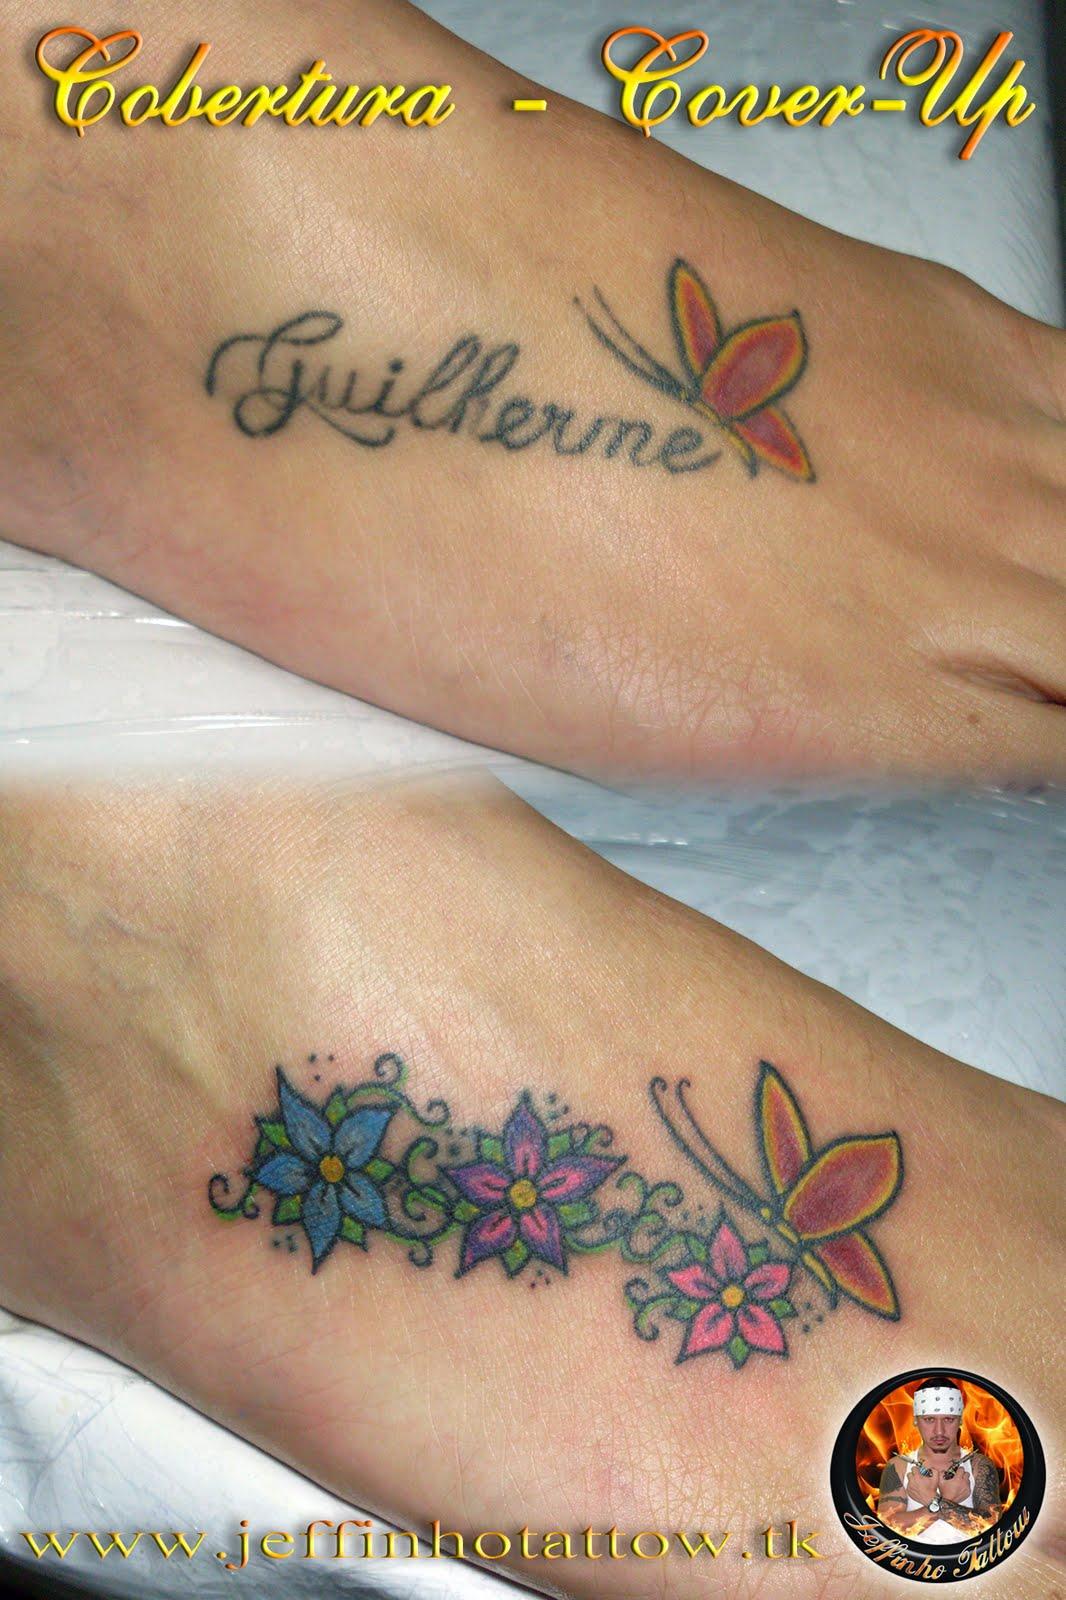 Amado Jeffinho Tattow - Tatuador: Tatuagens de Coberturas e Reformas  BN34